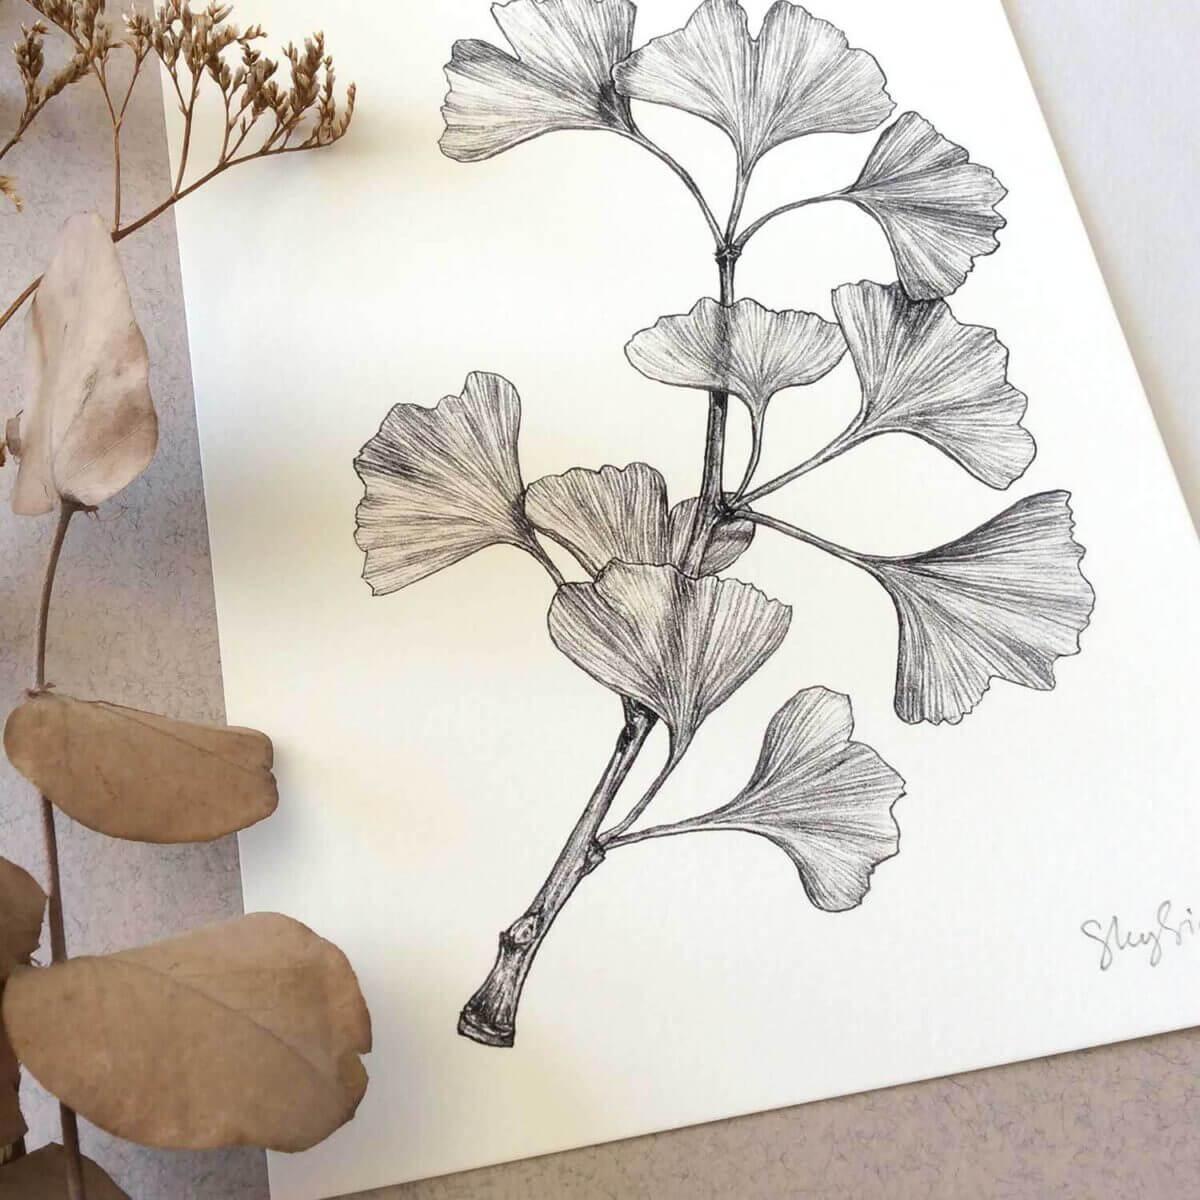 Gingko-Art-Print-Detail-Top-Sky-Siouki